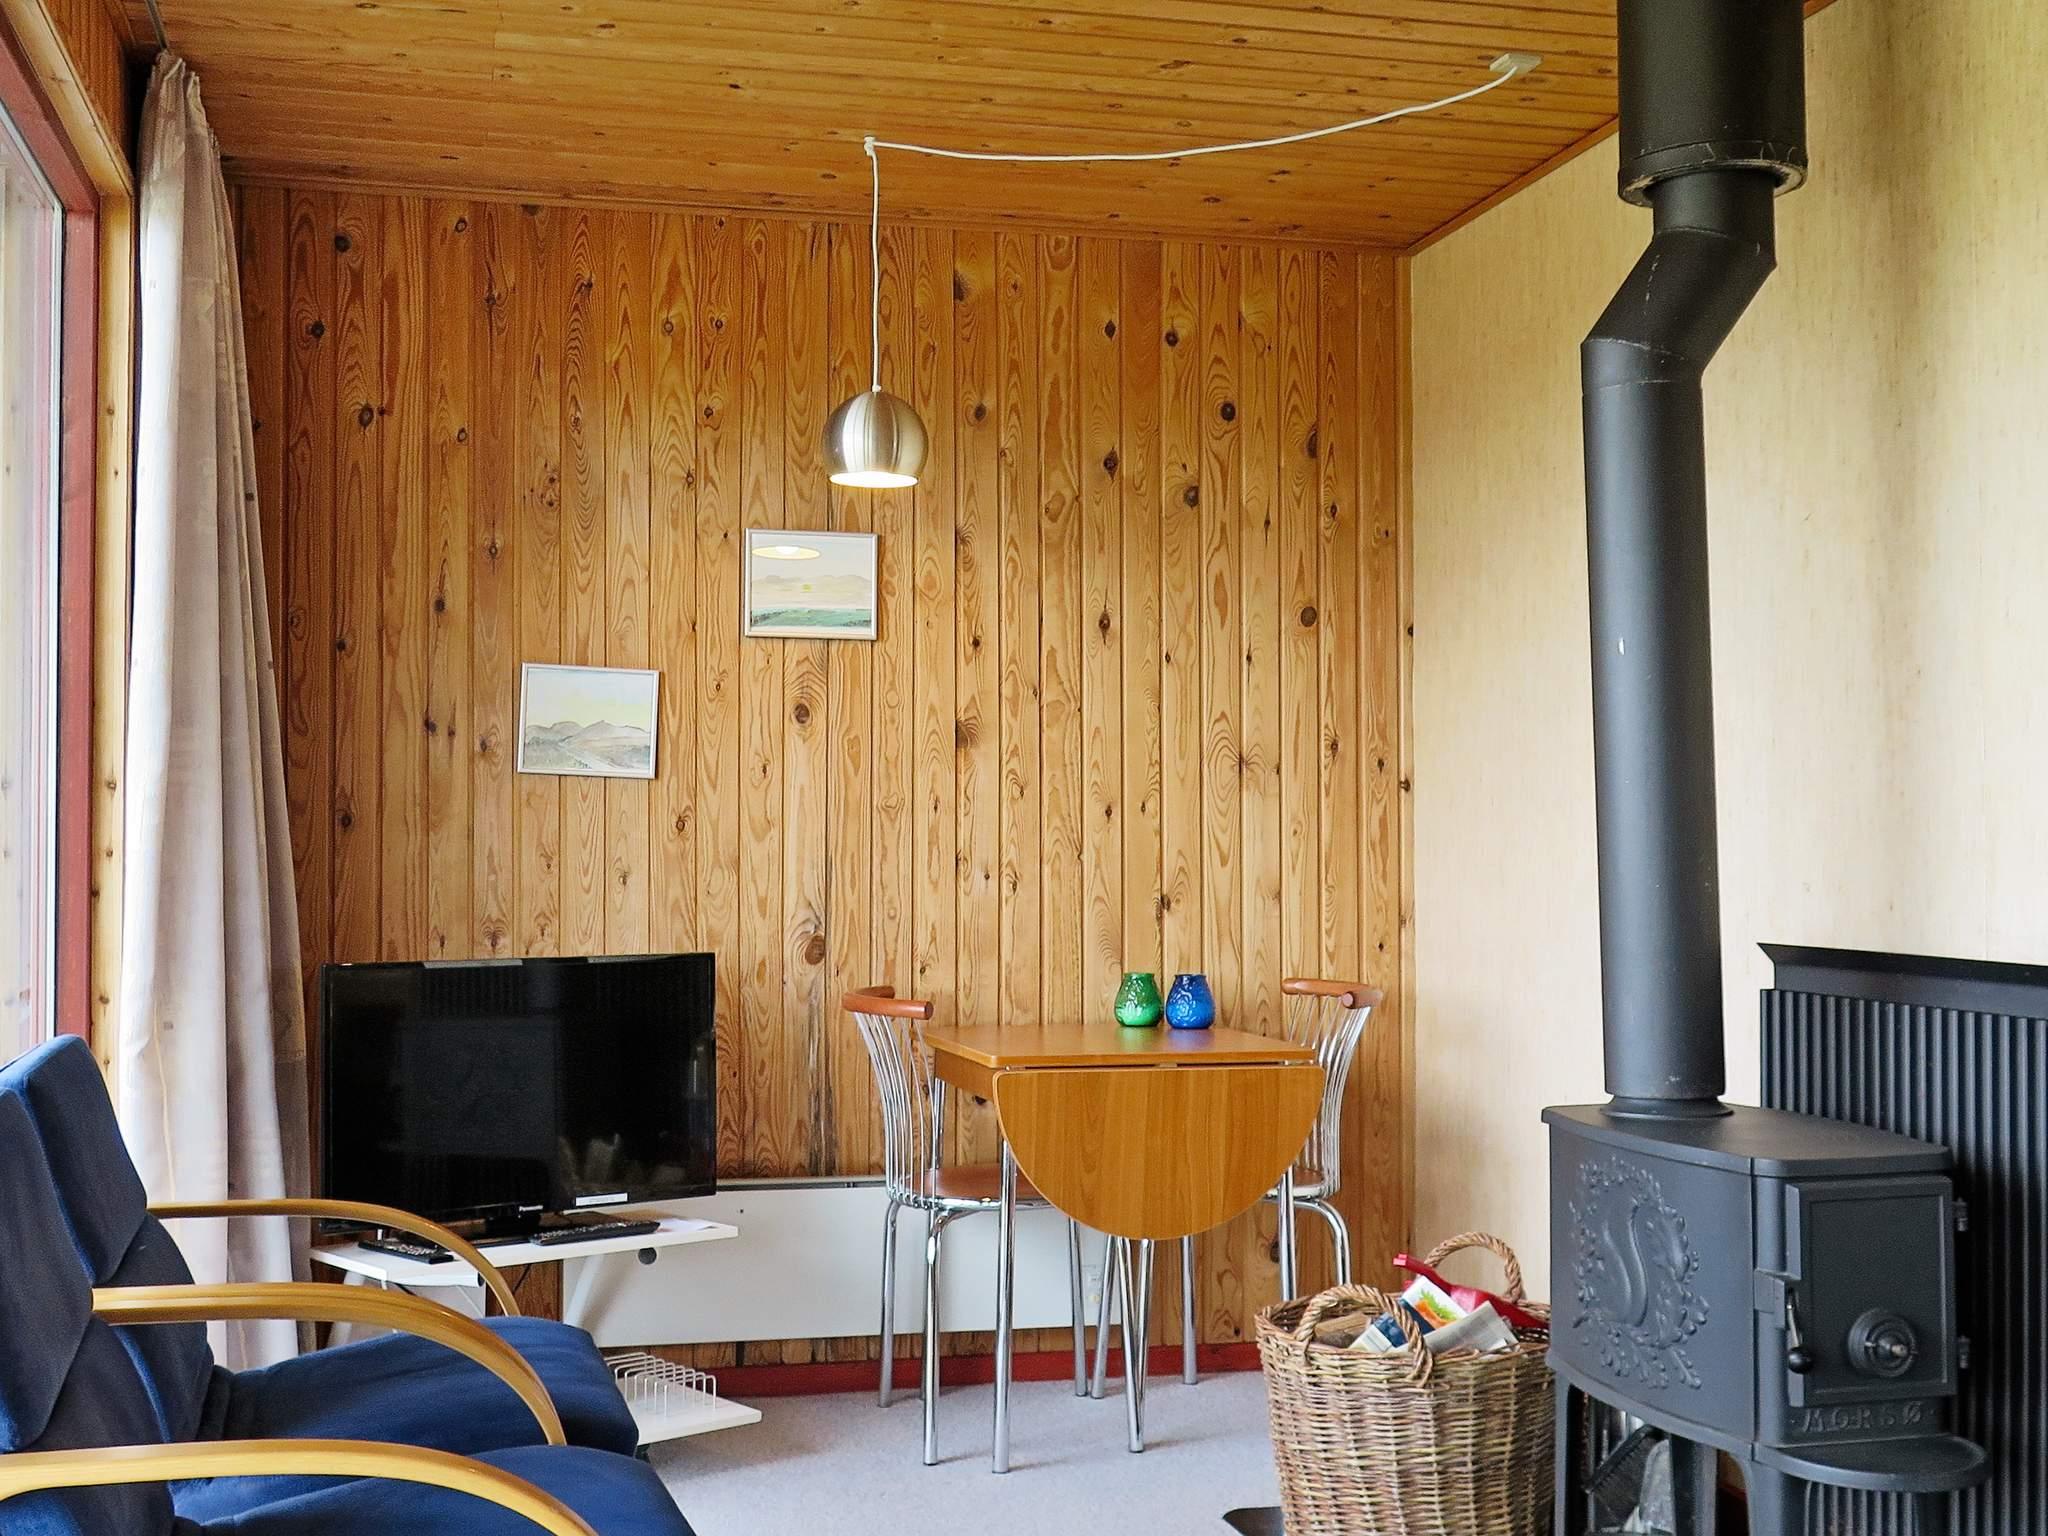 Ferienhaus Vejlby Klit (88945), Harboøre, , Limfjord, Dänemark, Bild 4